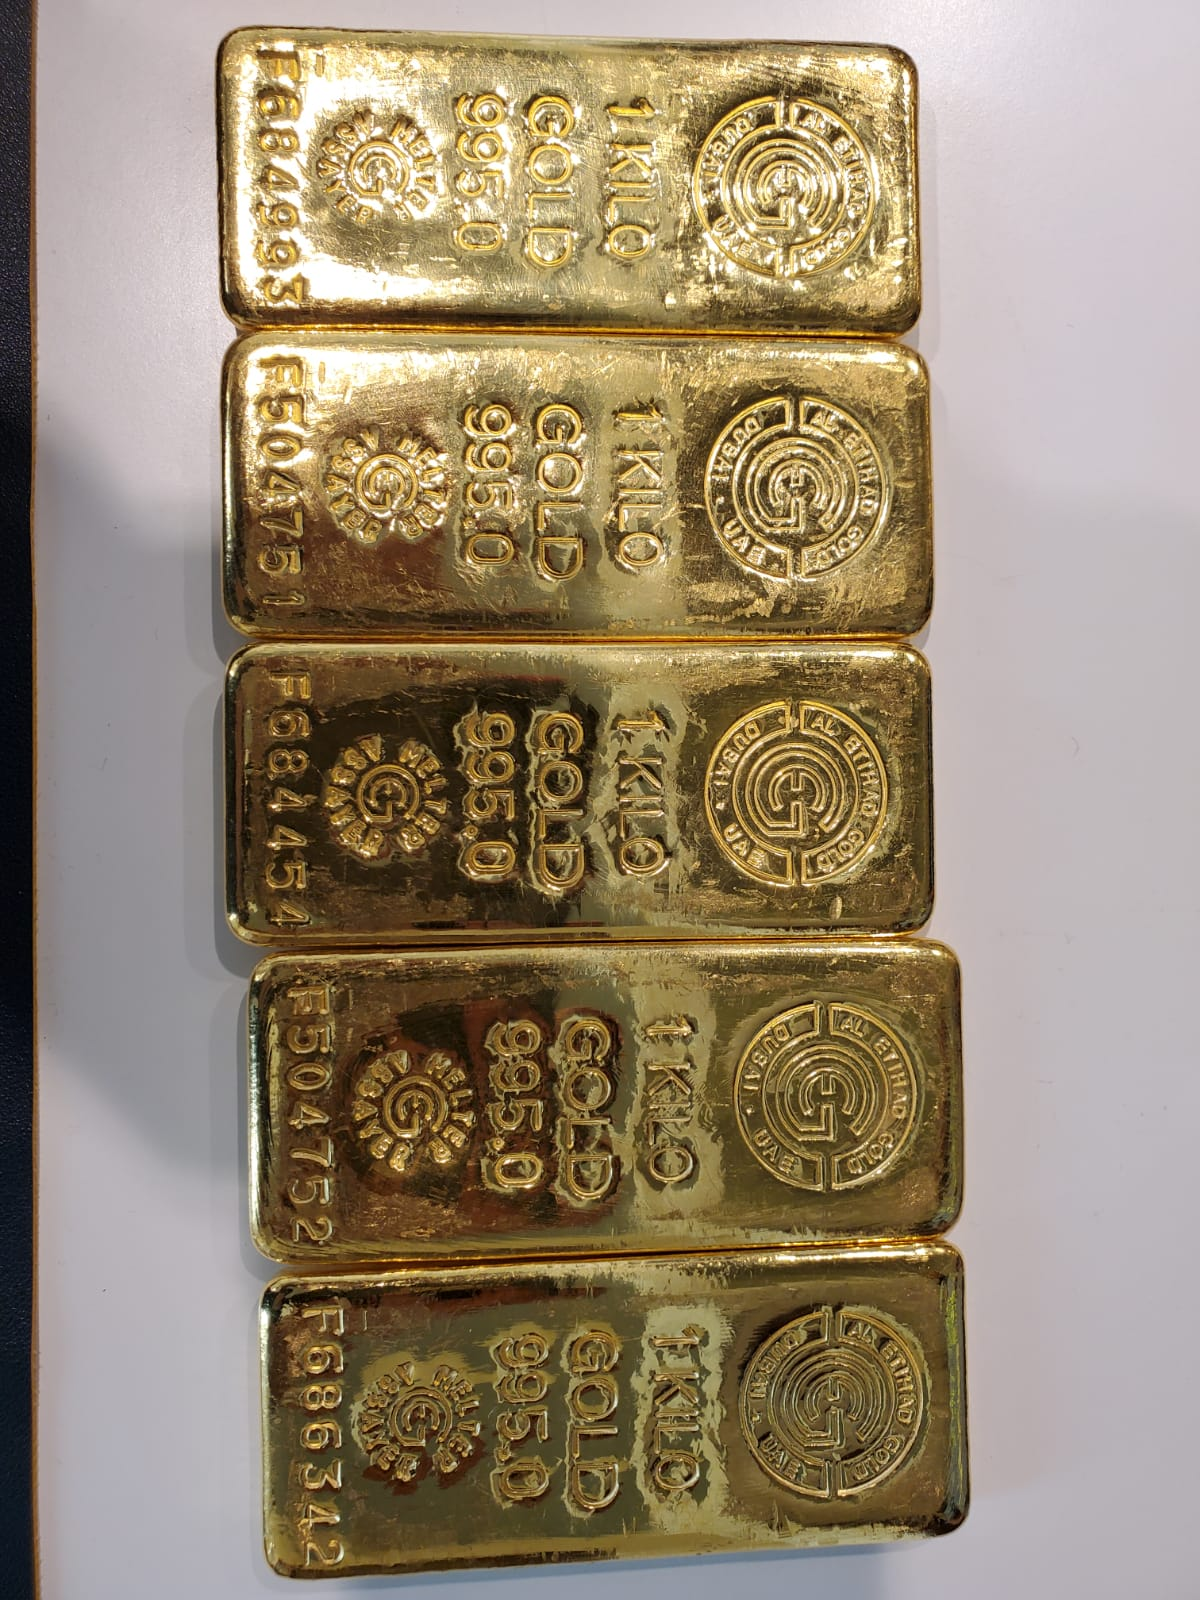 5kg gold Bars